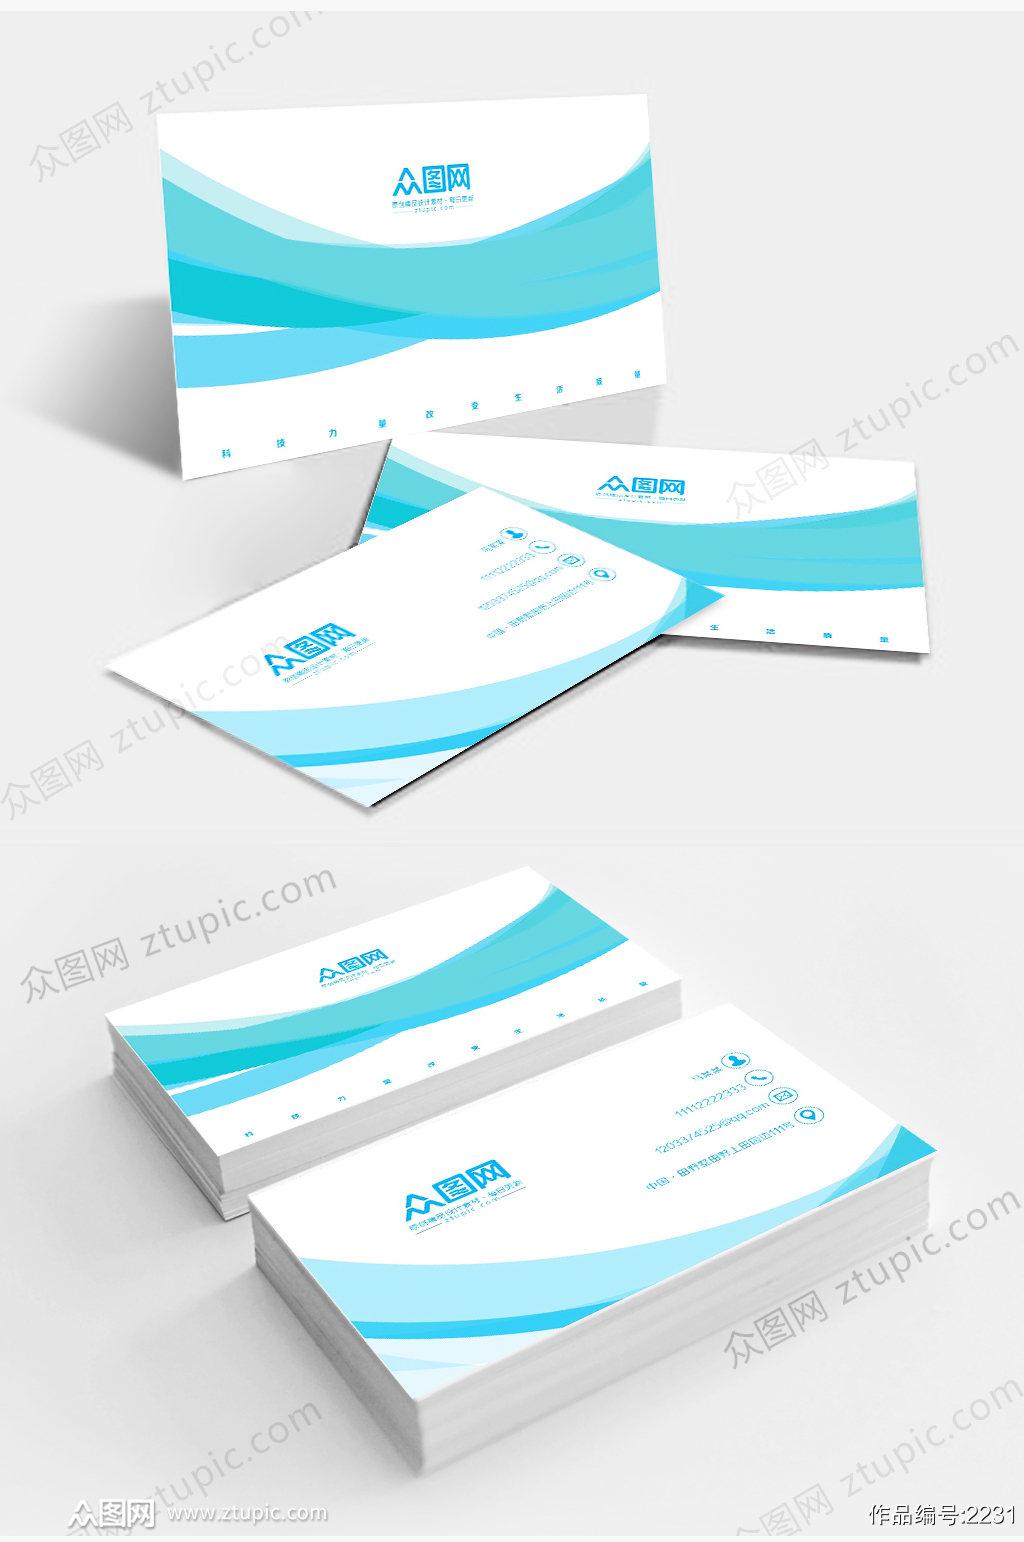 简约大气流畅线条个人商务名片设计素材